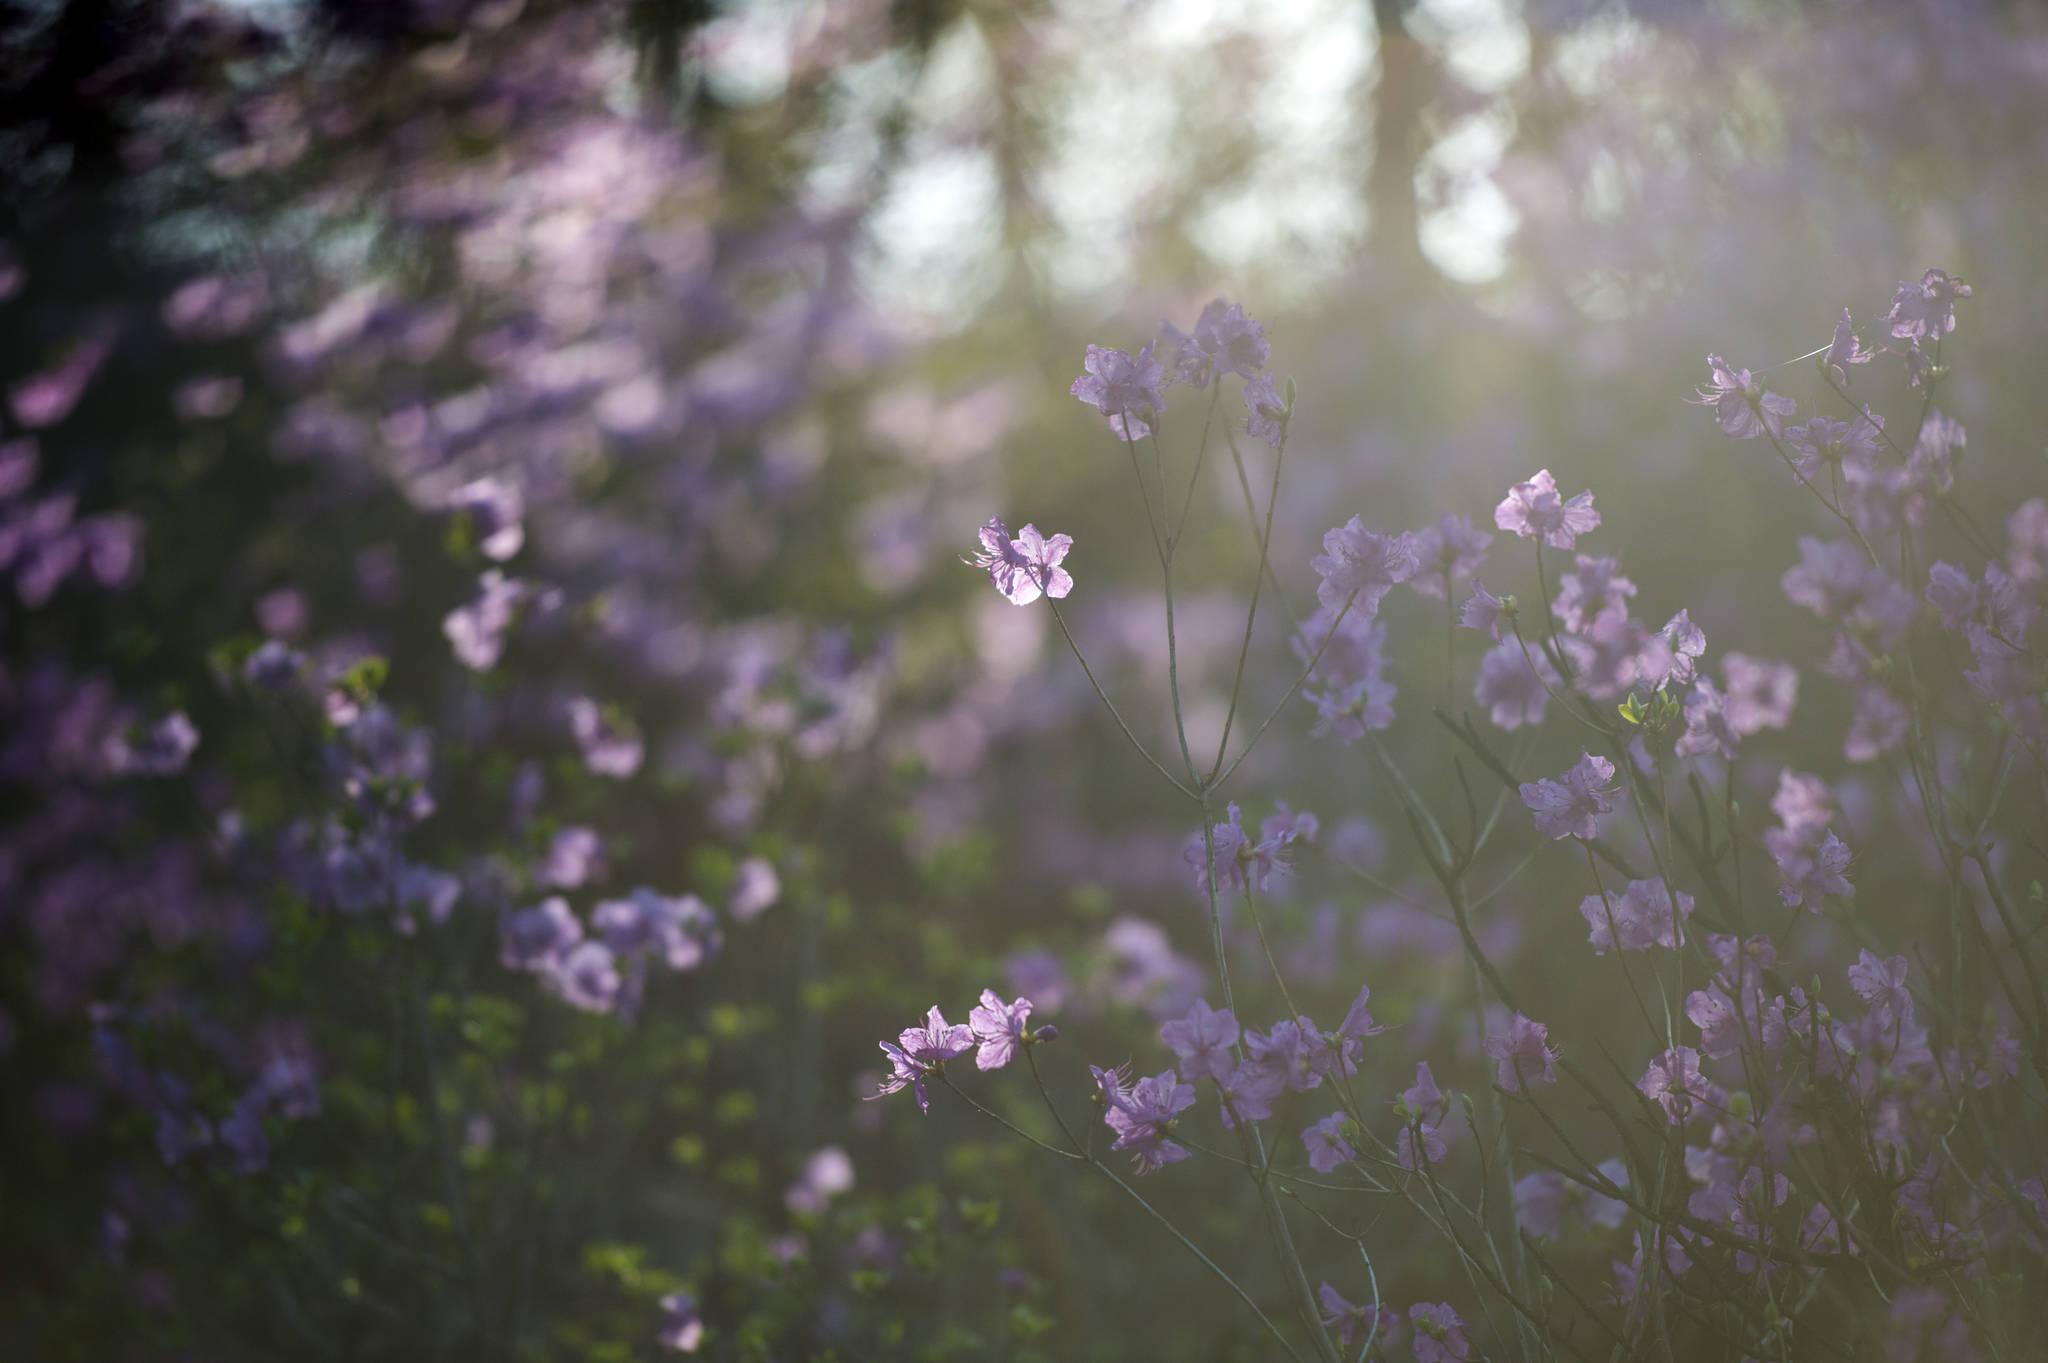 인천 강화도 고려산 기슭에 핀 진달래 꽃밭이 그늘 너머 빛을 머금고 있다. 김현동 기자